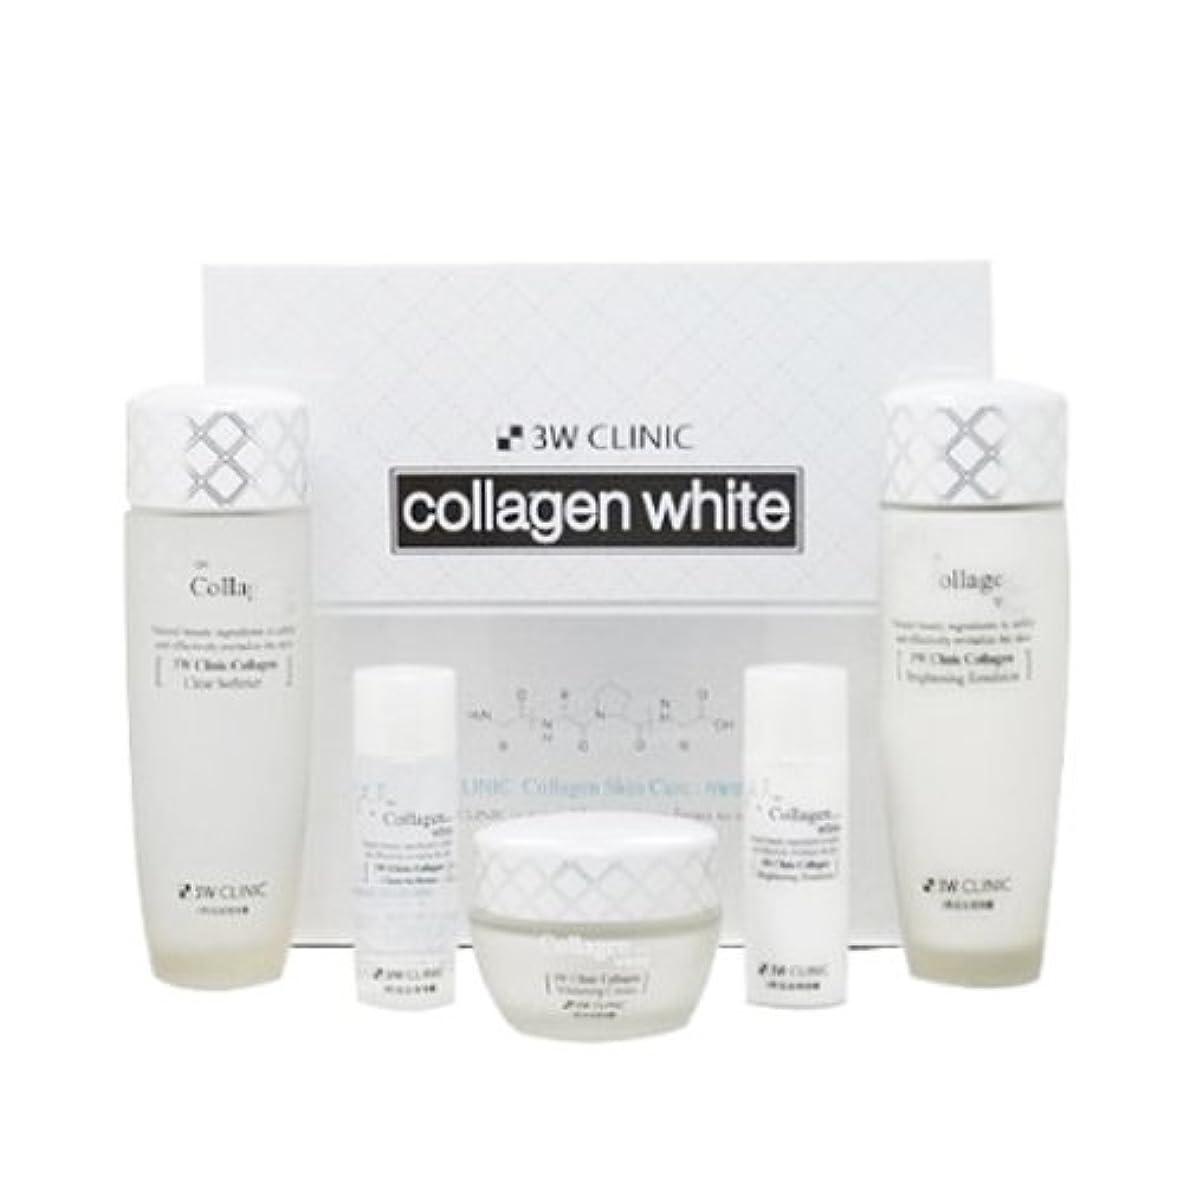 意気消沈した変更可能きれいに3Wクリニック[韓国コスメ3w Clinic]Collagen White Skin Care コラーゲンホワイトスキンケア3セット樹液,乳液,クリーム [並行輸入品]